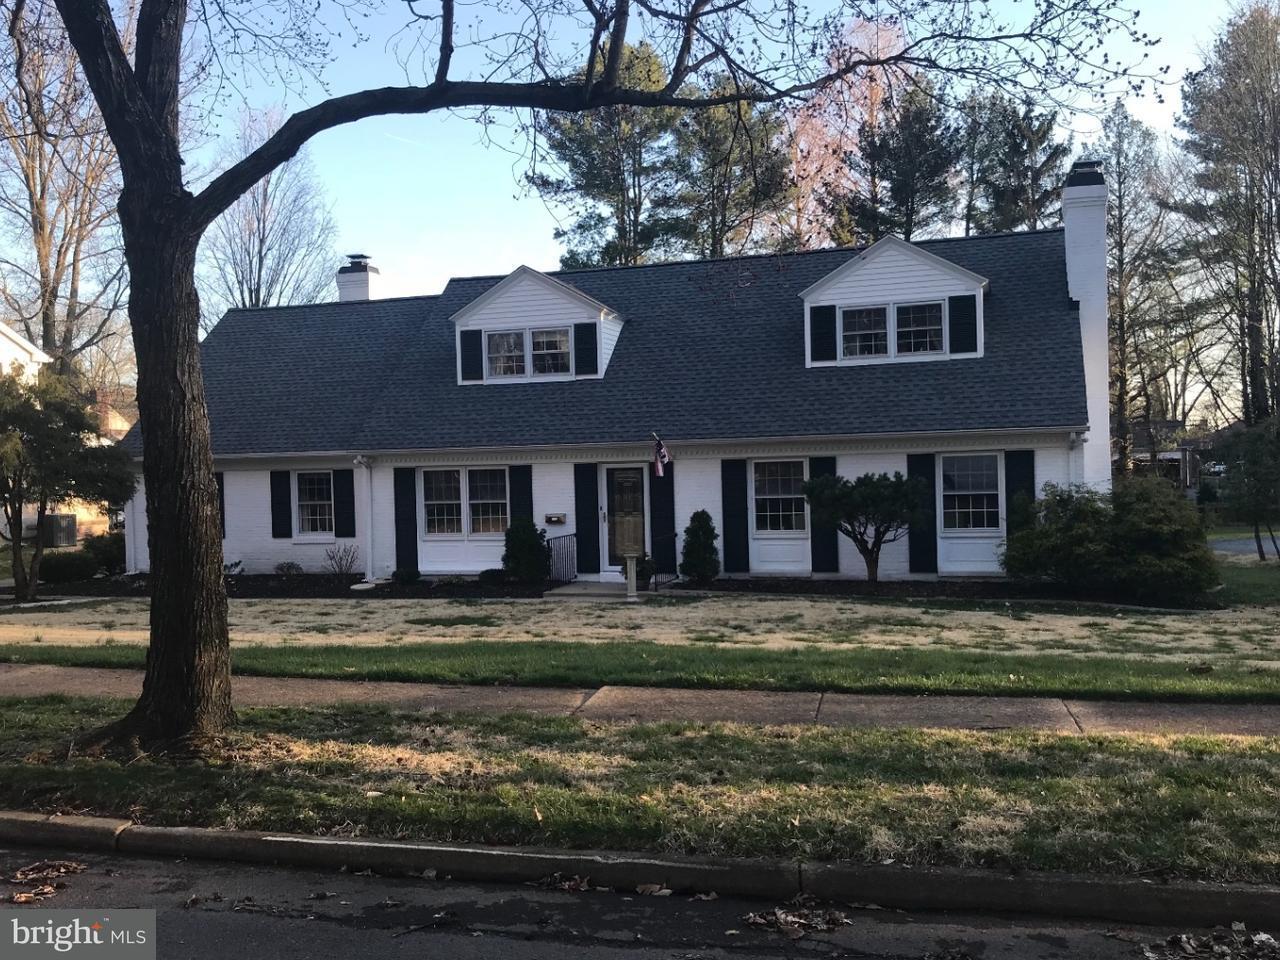 Частный односемейный дом для того Продажа на 538 KERFOOT FARM Road Talleyville, Делавэр 19803 Соединенные Штаты